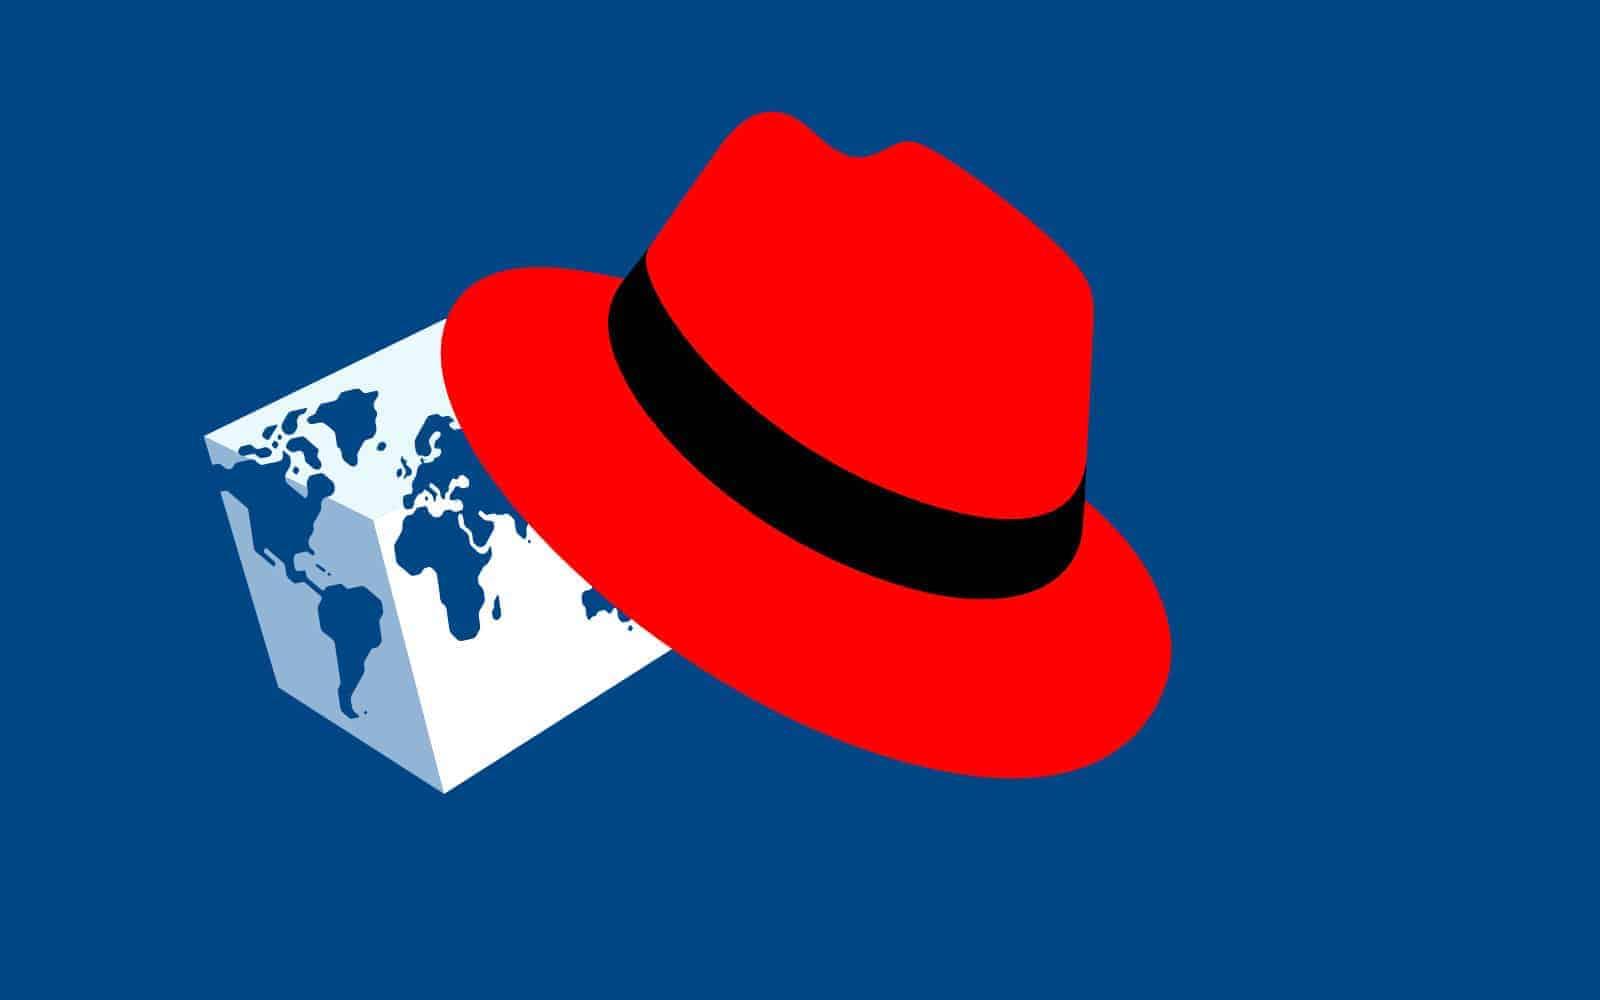 Temenos arbeitet eng mit IBM und deren Tochter Red Hat zusammen, um Hybrid Cloud in der Finanzbranche zu etablieren. <Q> Temenos / Red Hat